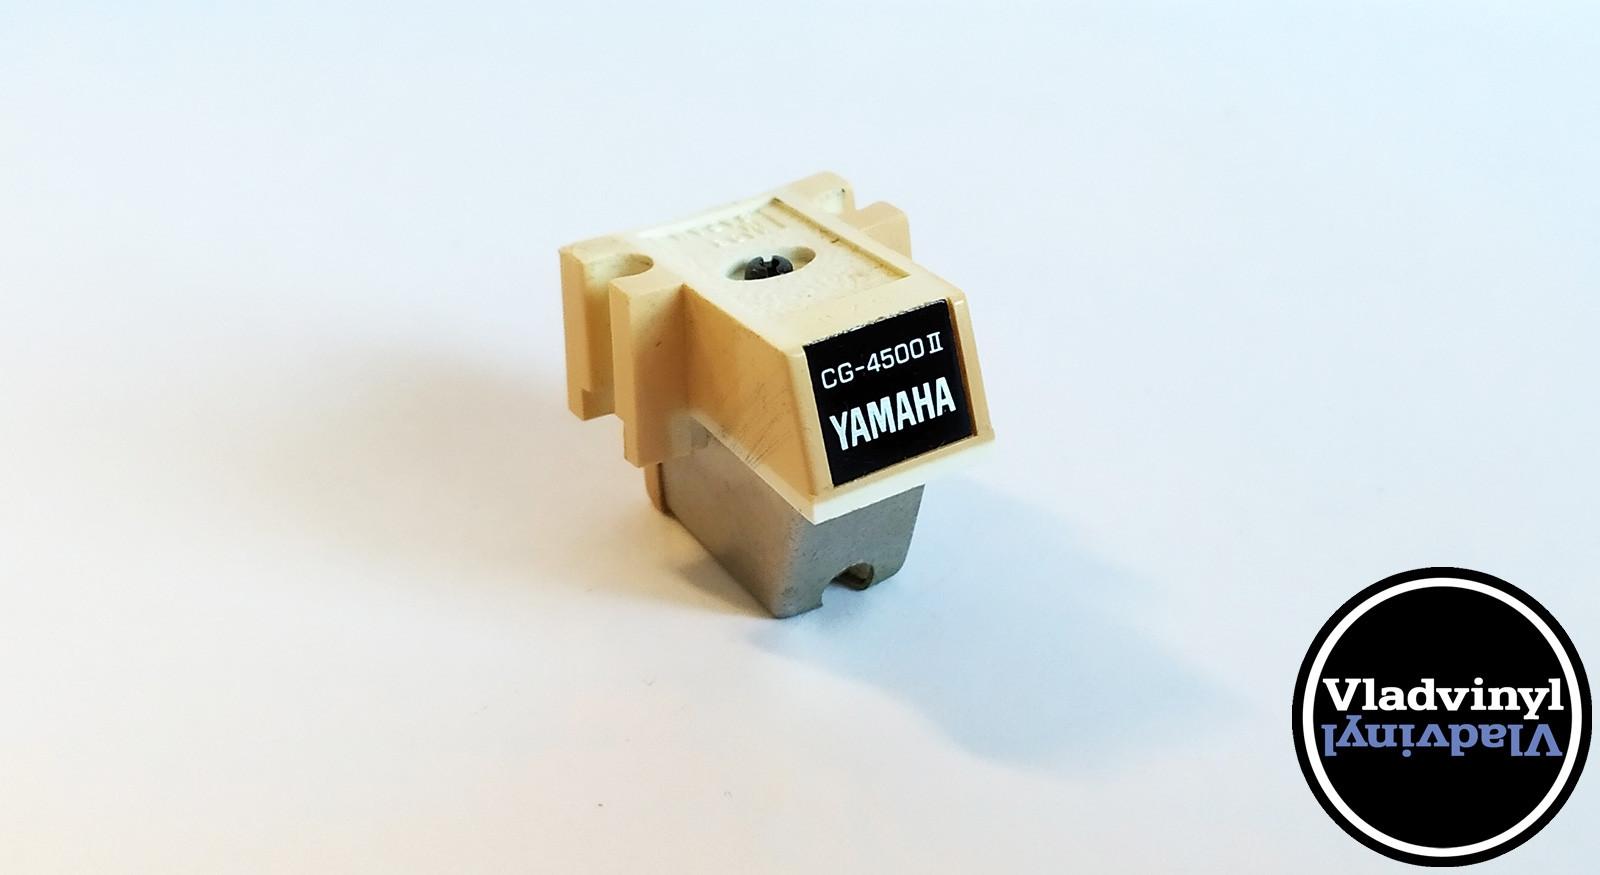 Головка звукоснимателя Yamaha CG-4500 MK2 (б/у), совместимая игла Rec Tourney TD 15-135 (NOS)